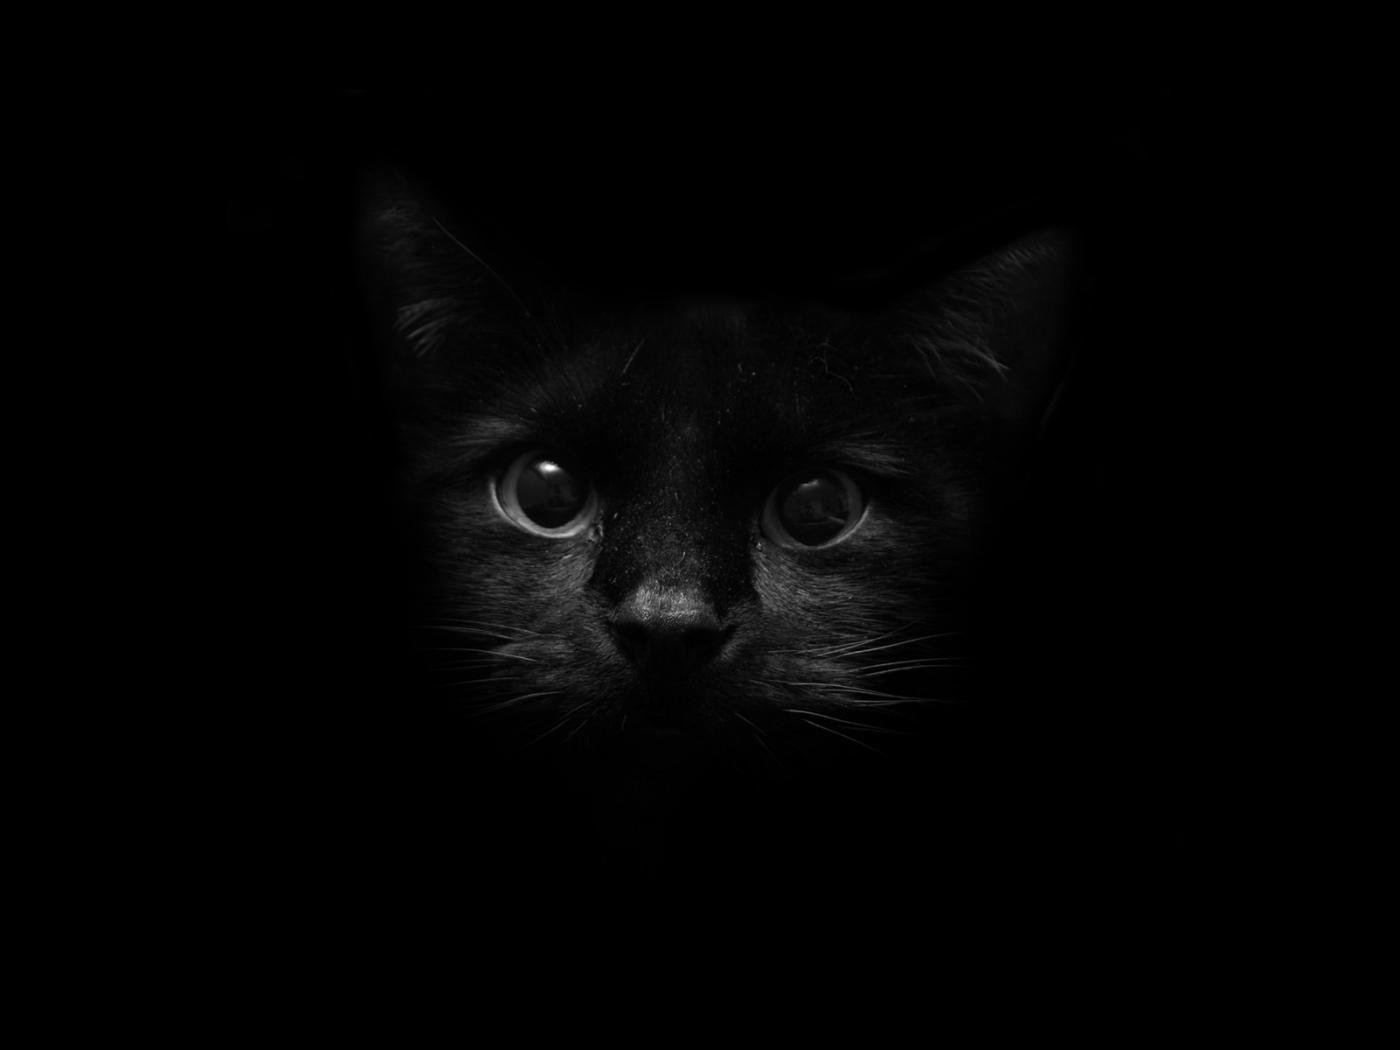 免費壁紙40742:动物, 猫 下載手機圖片